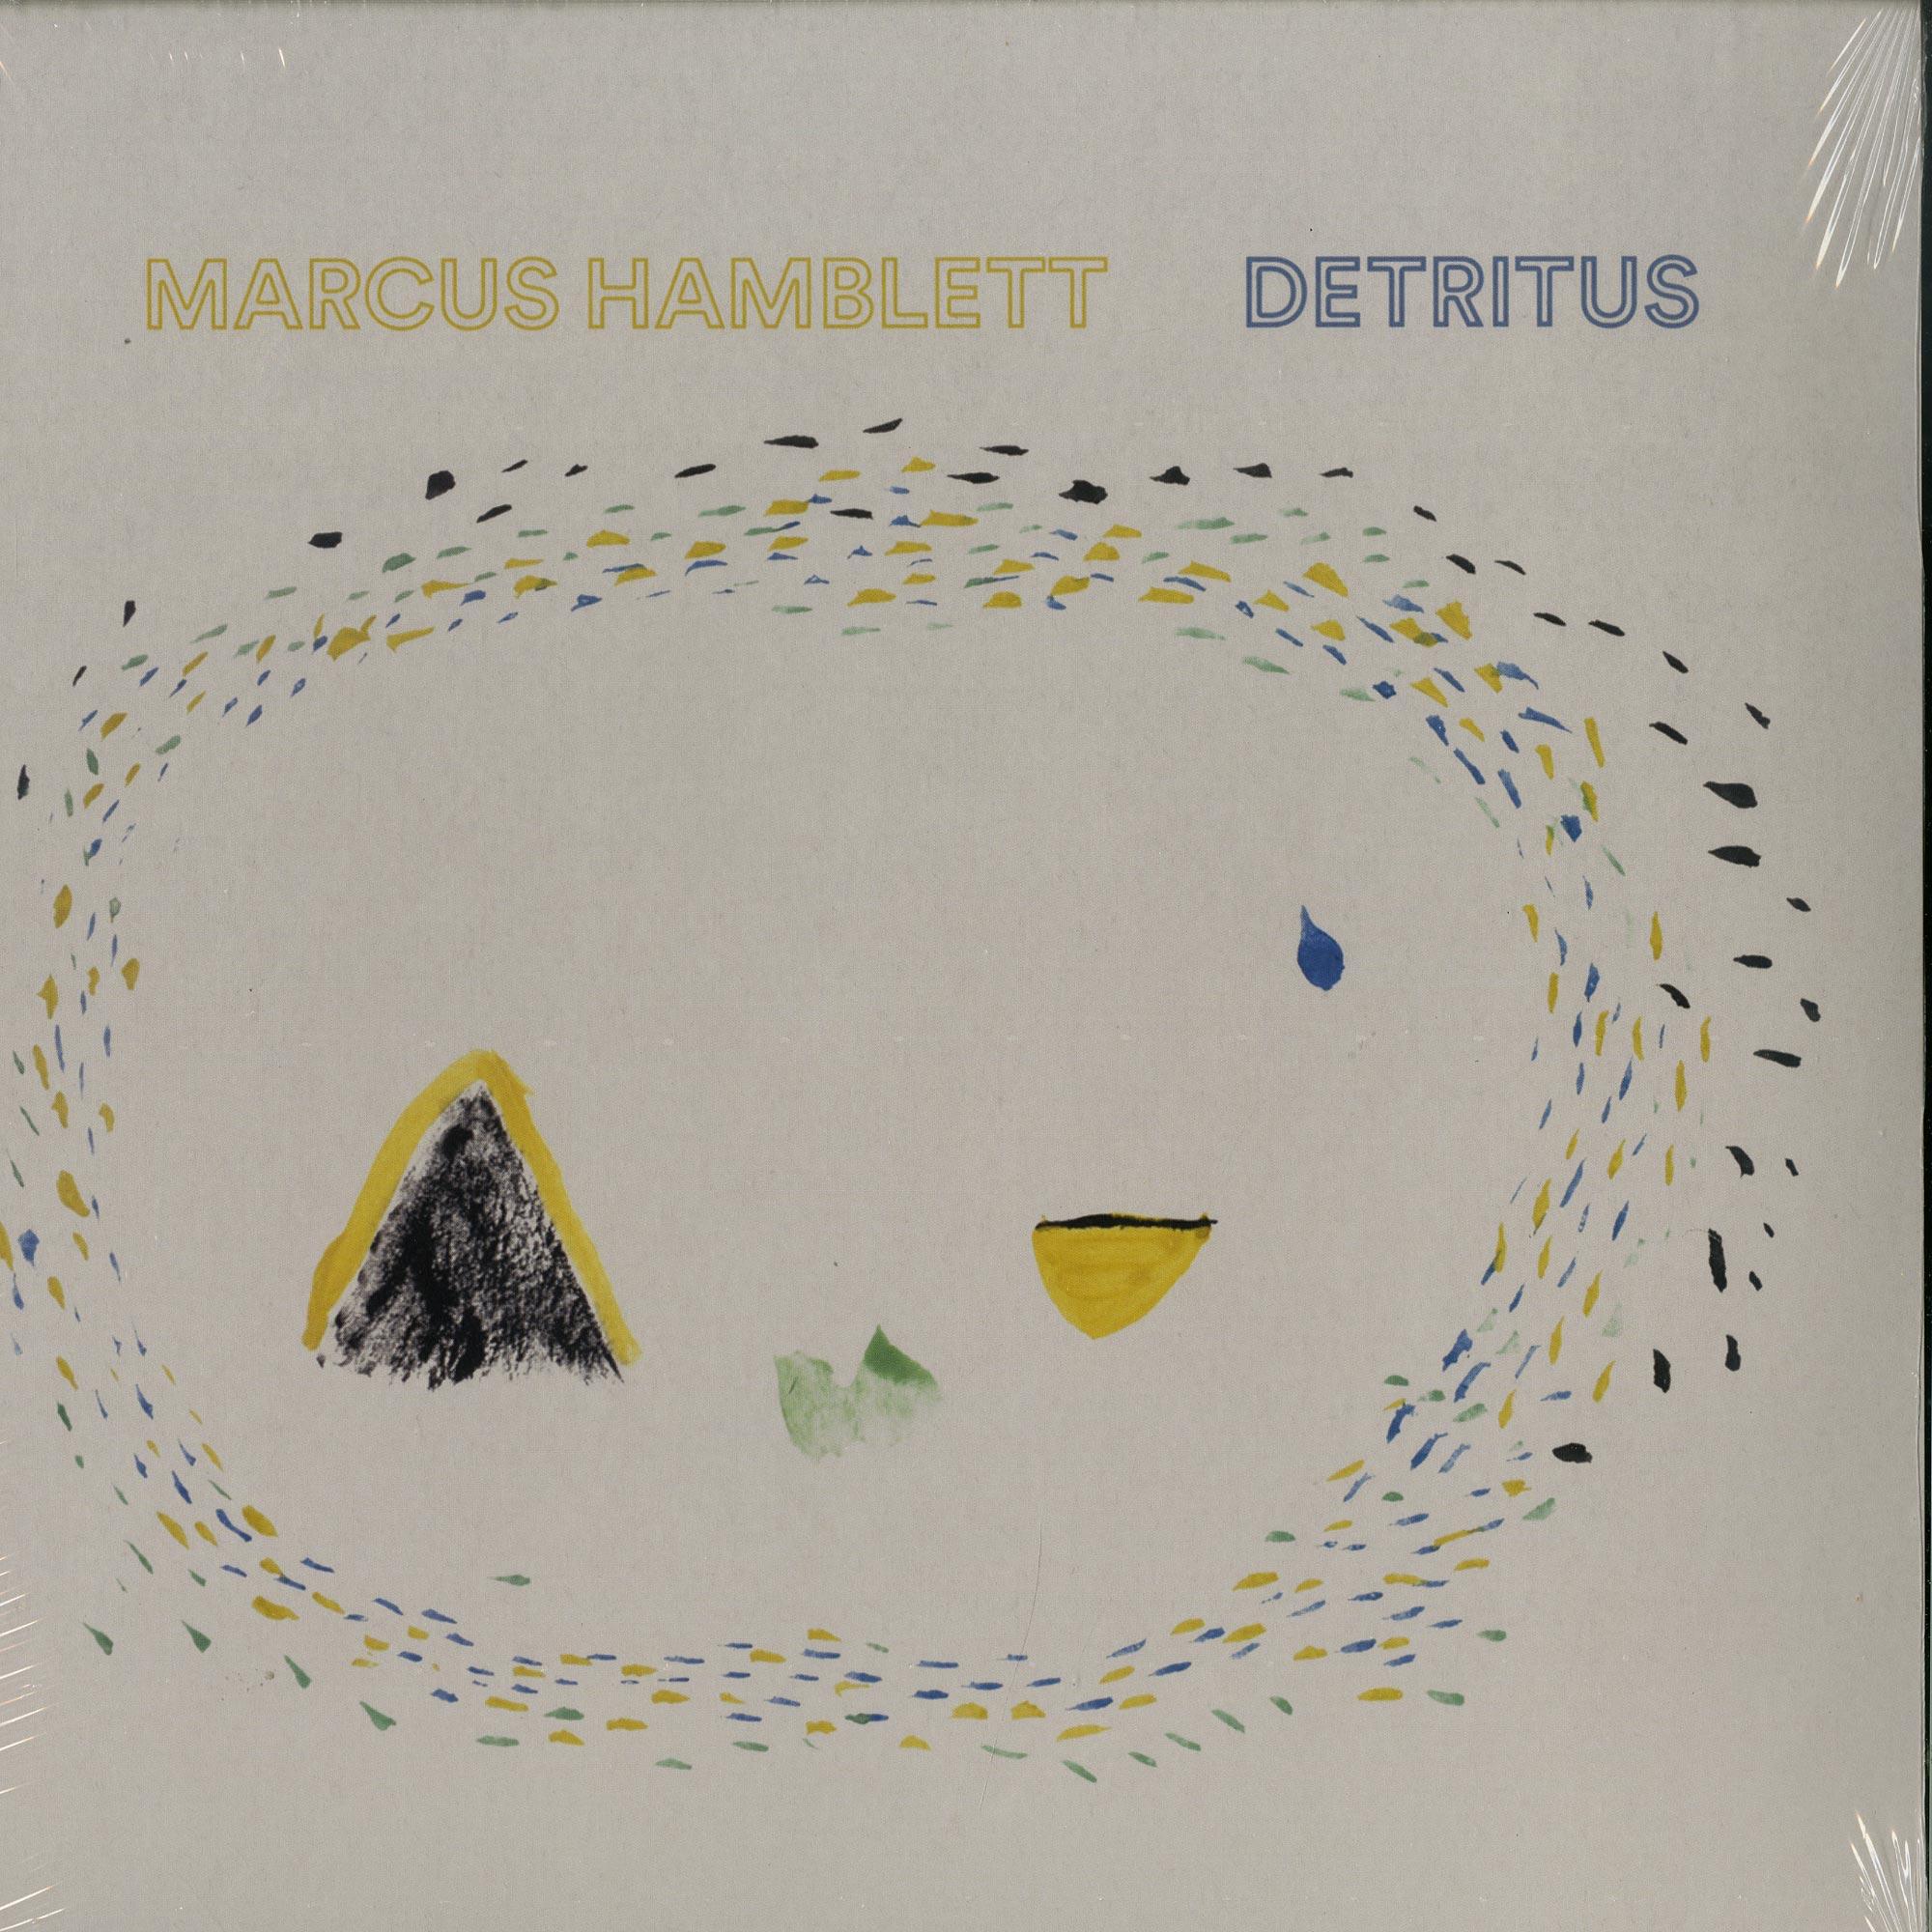 Marcus Hamblett - DETRITUS